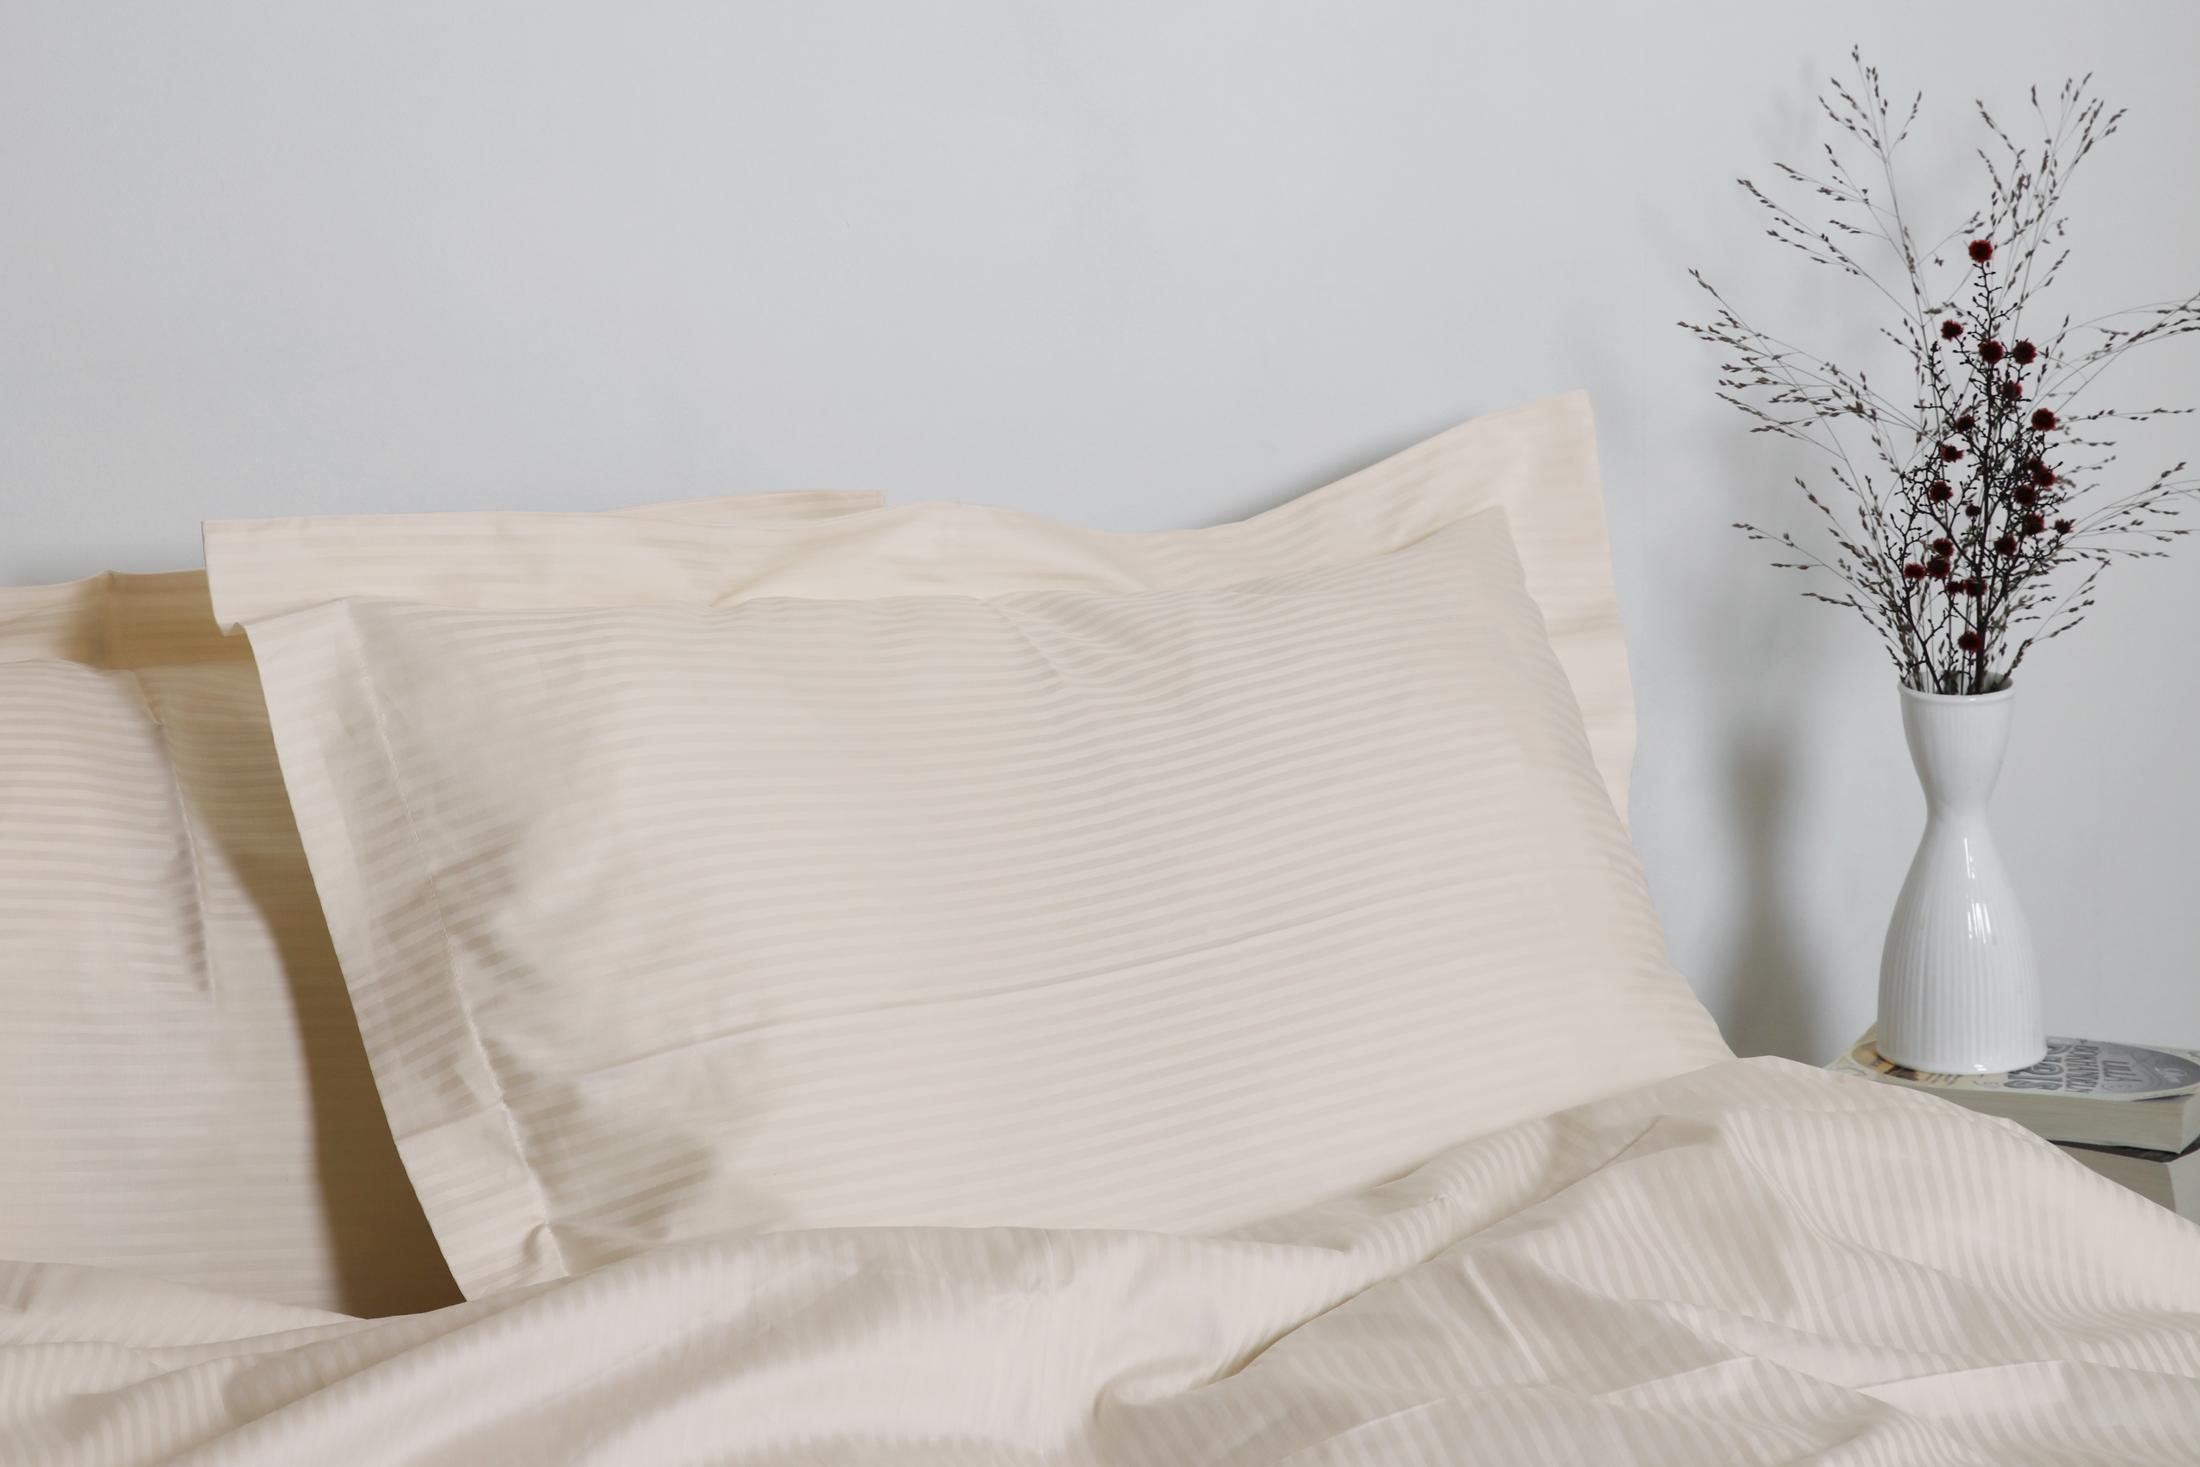 Gastaldi Ara Italienskt sänglinne, Klässbols Linneväveri kuddvar creme